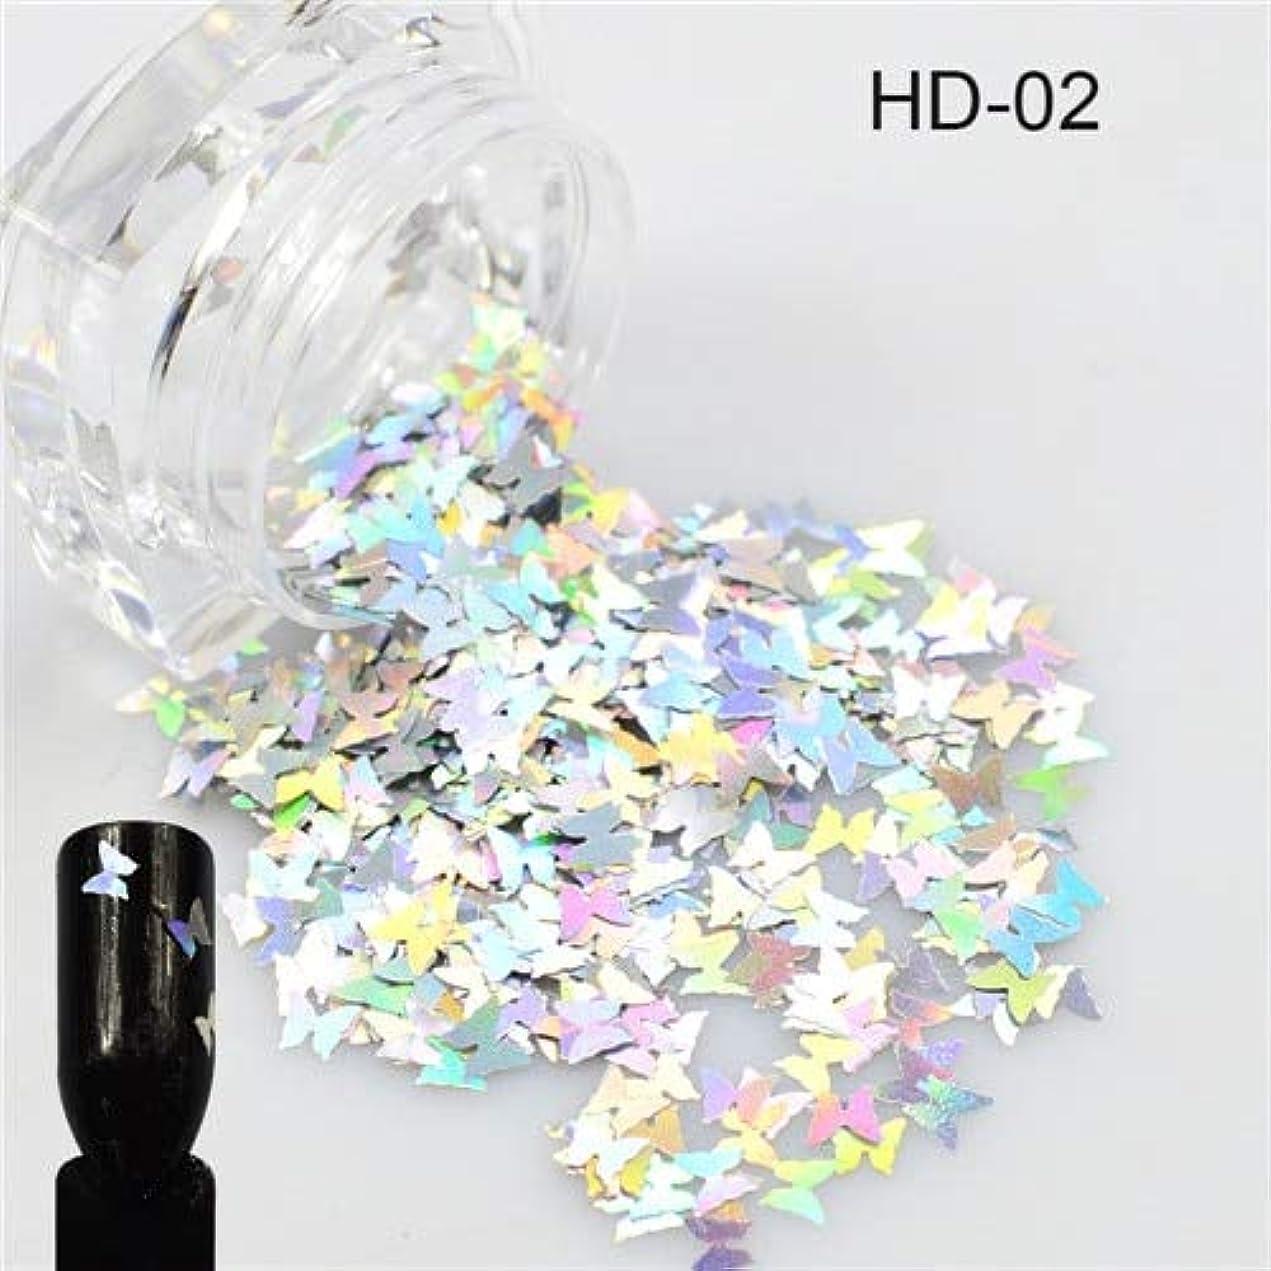 リズミカルな学部整然とした1ピース新しい爪輝く蝶の形ミックス色美容ジェルネイルアートチャームミニpailletteの小型スパンコールの装飾SAHD01-05 HD02